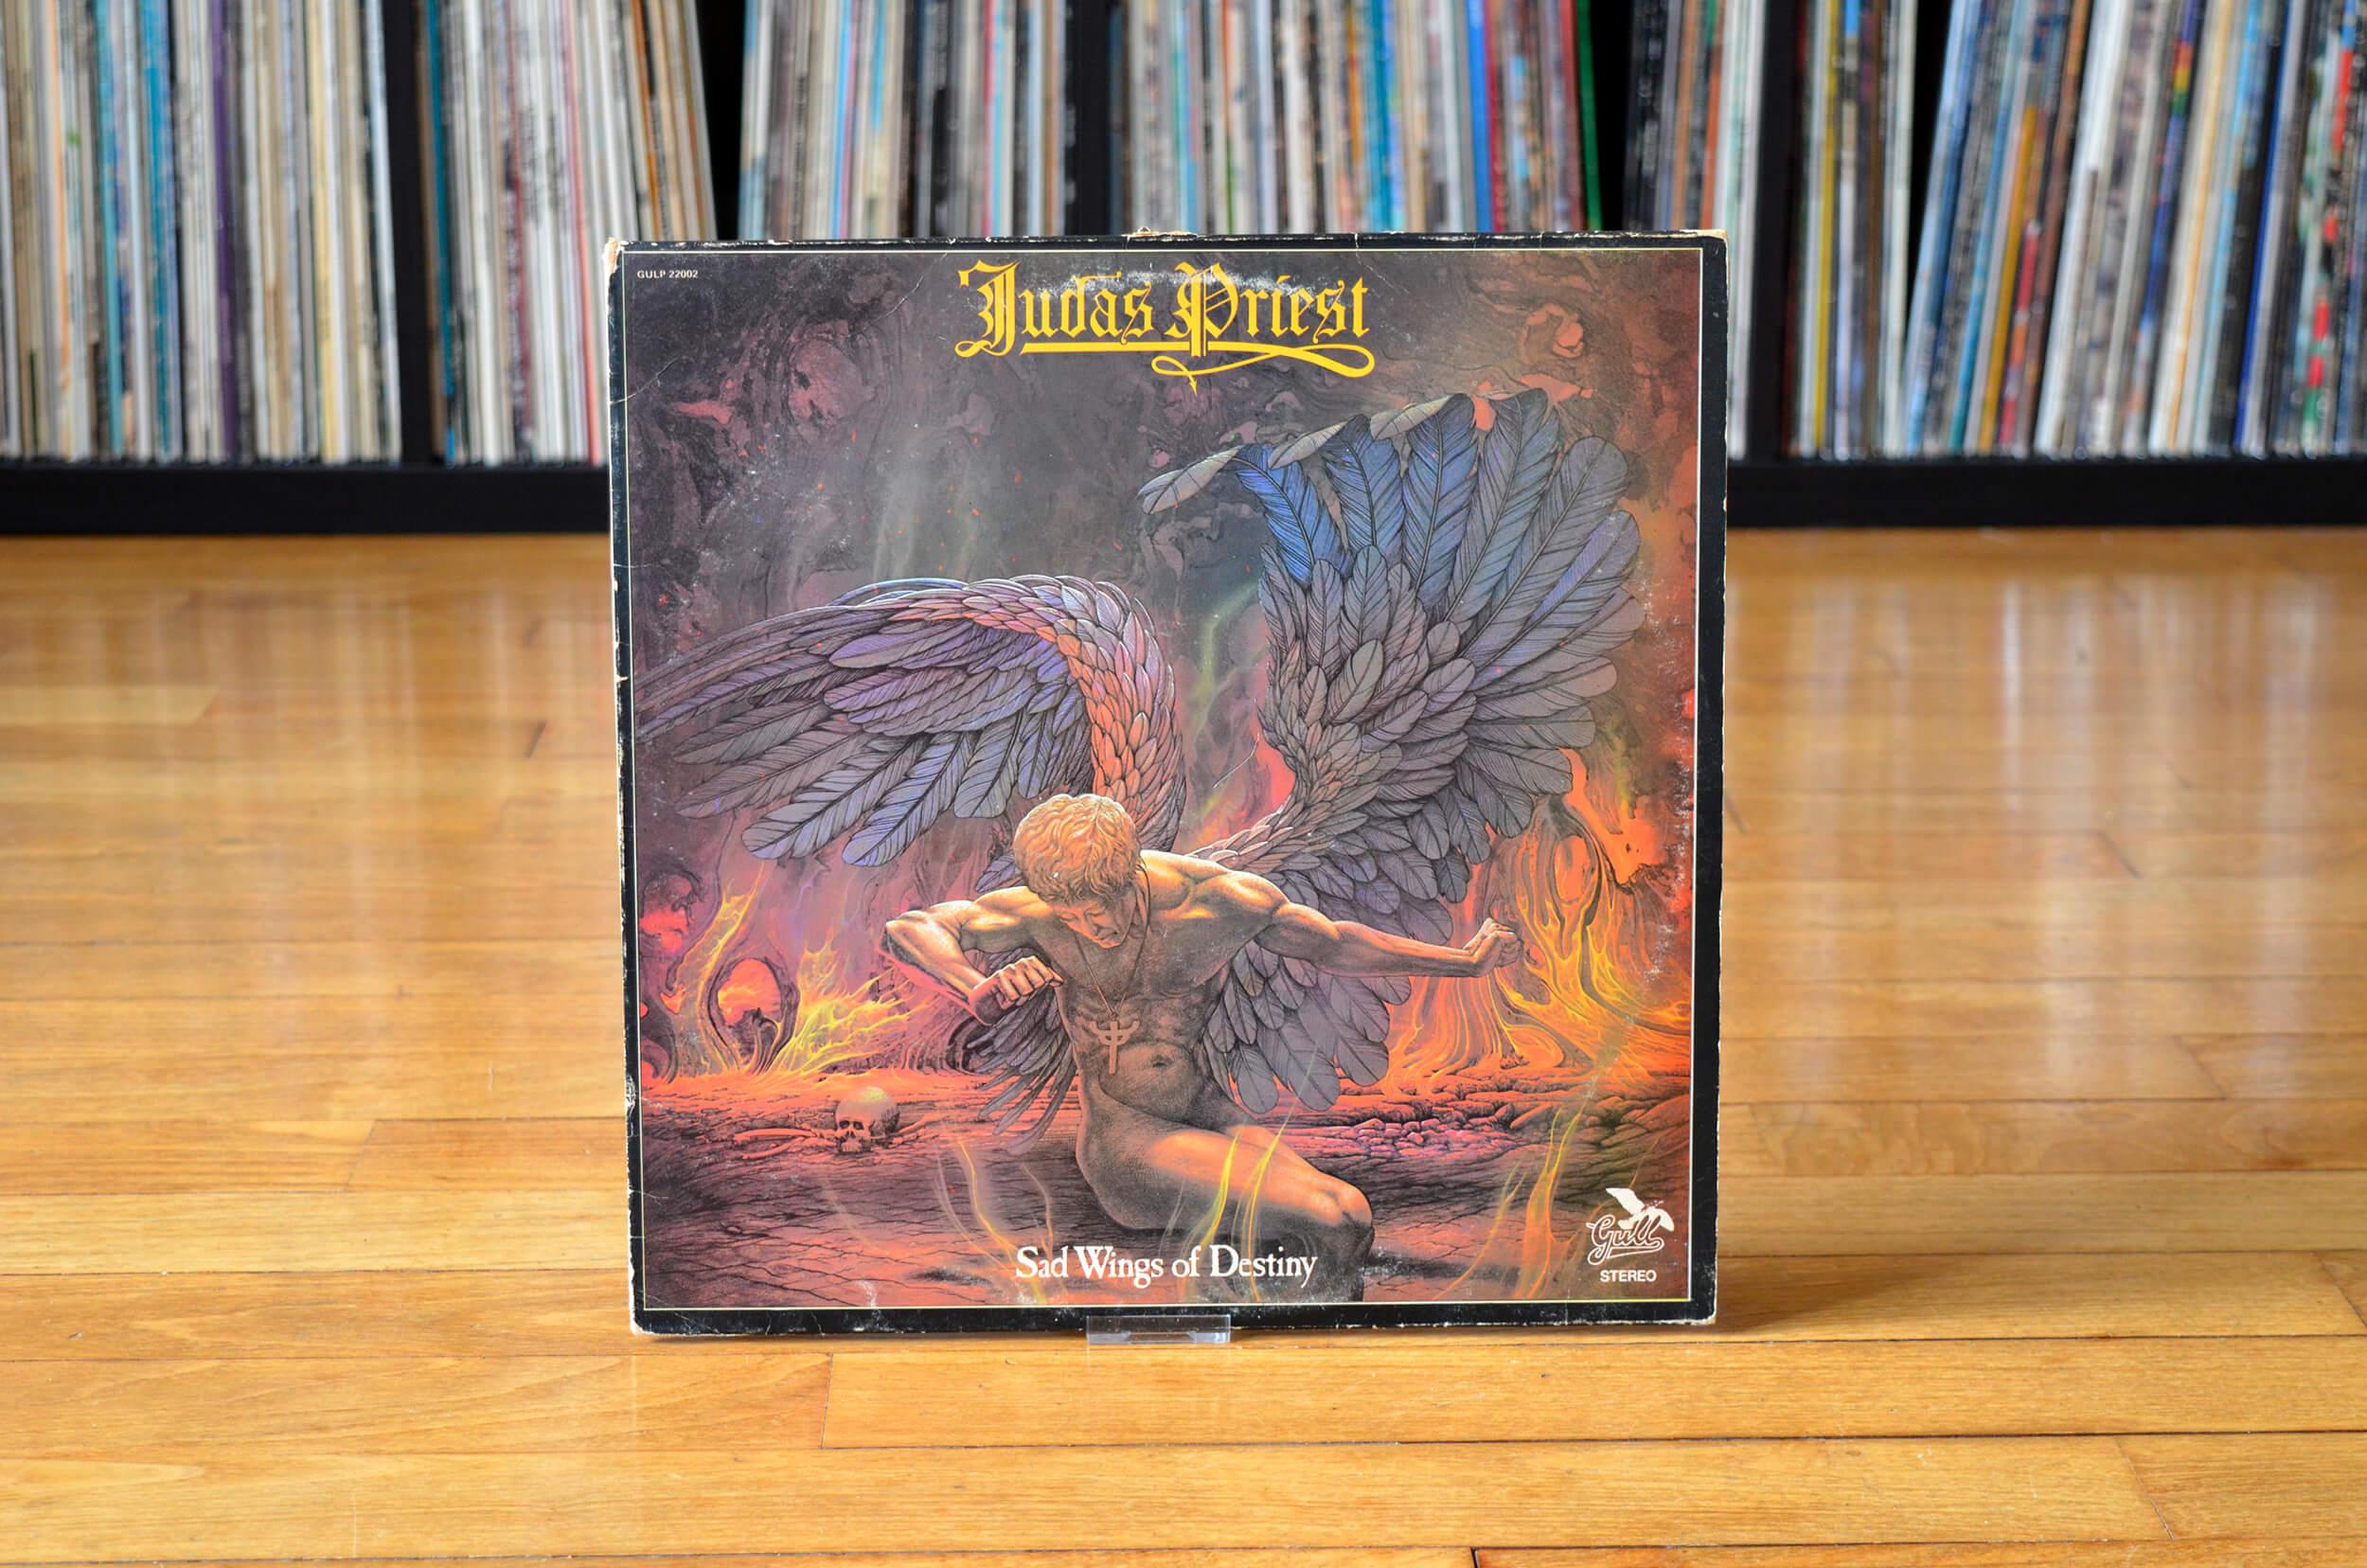 Judas Priest – Sad Wings Of Destiny